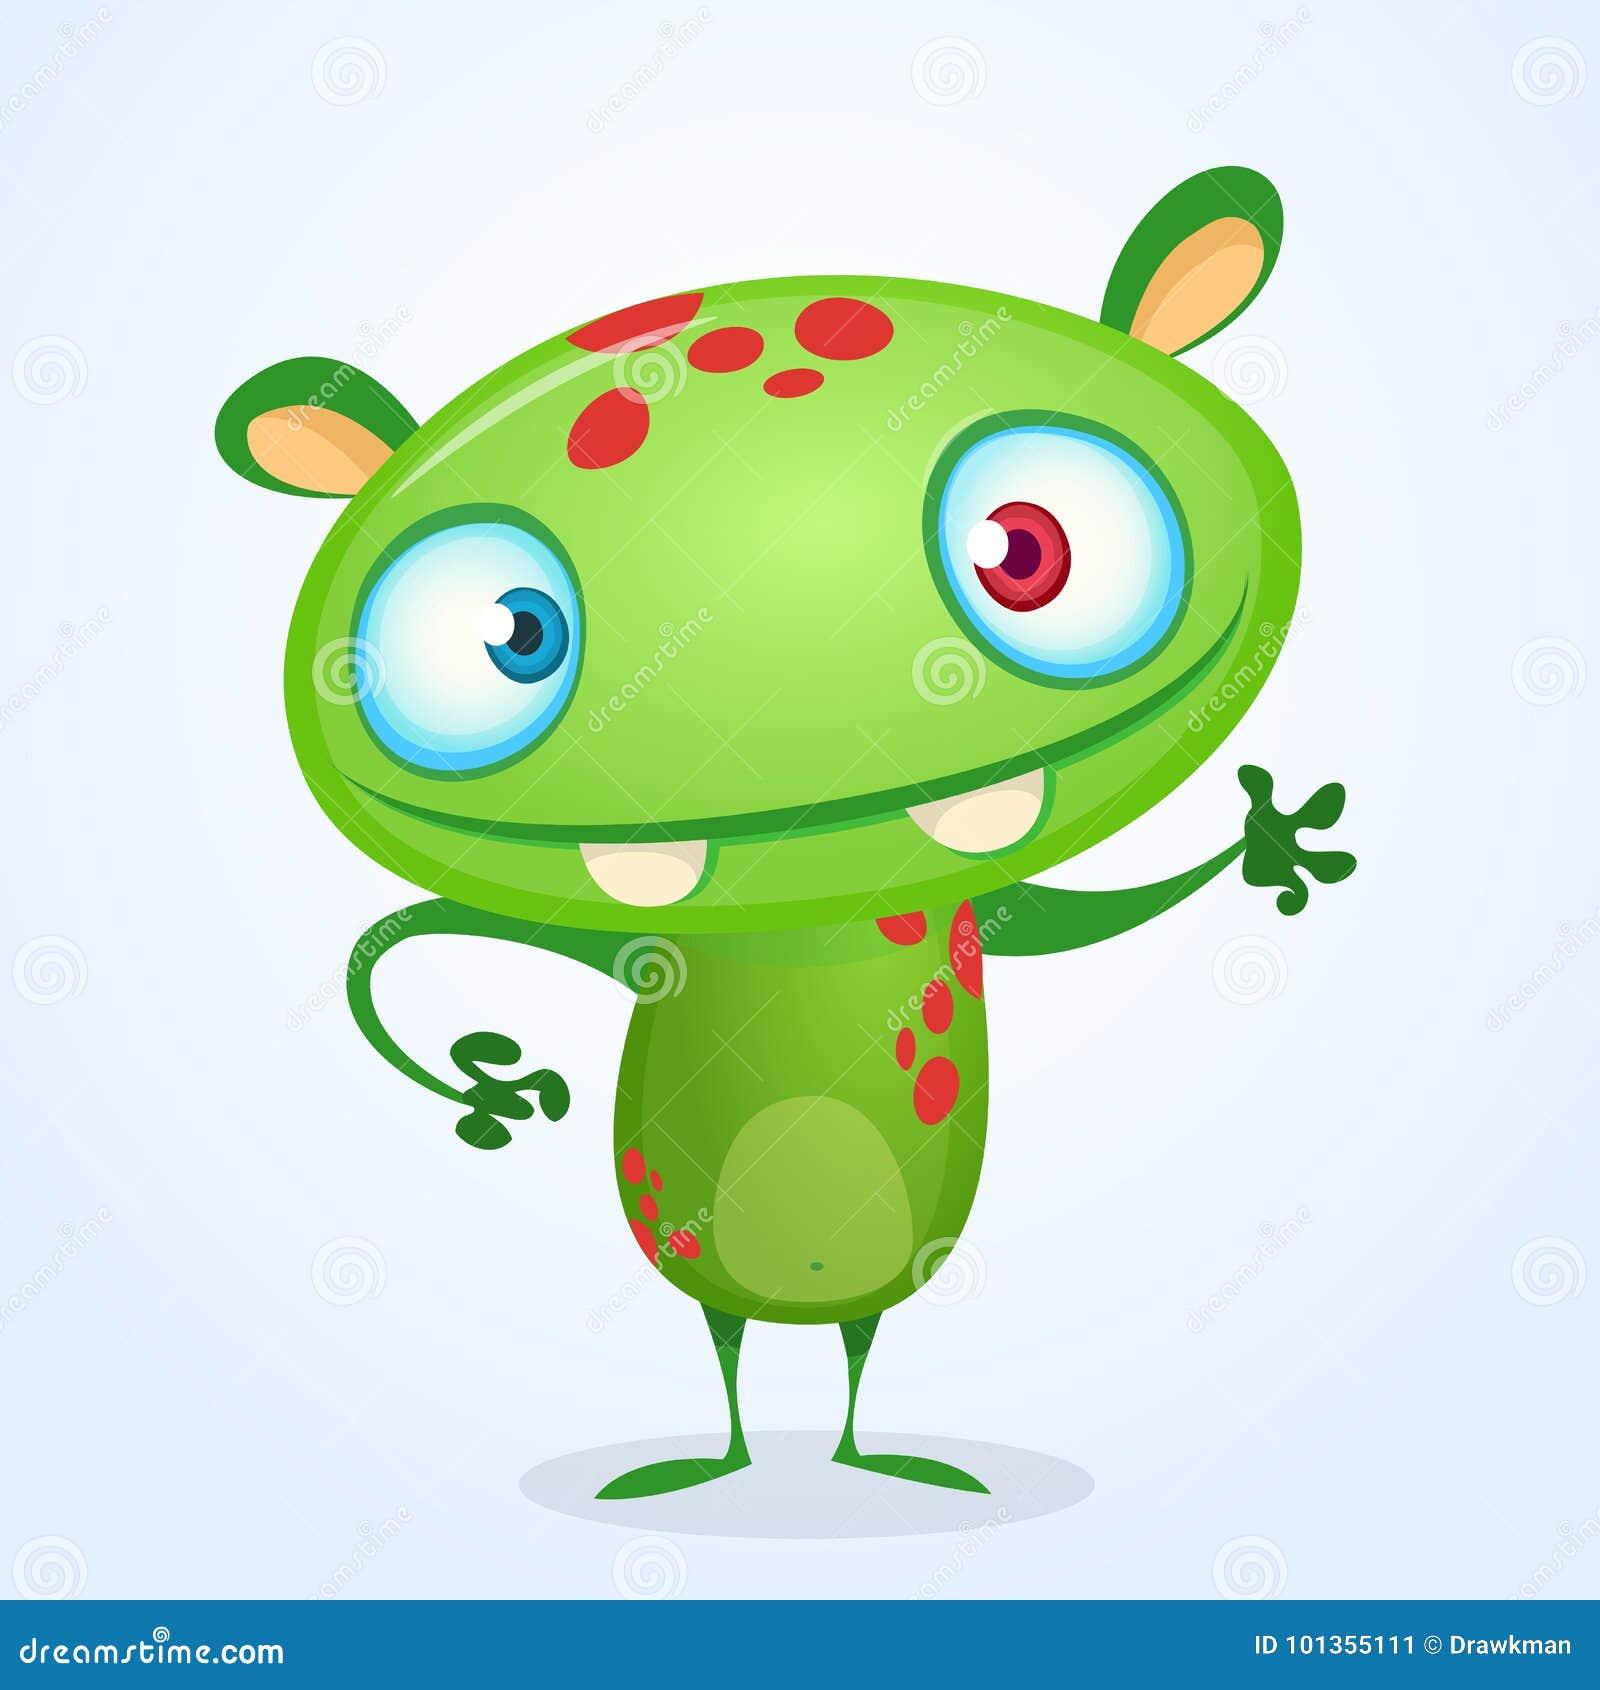 Green Funny Happy Cartoon Monster. Green Vector Alien Character ...